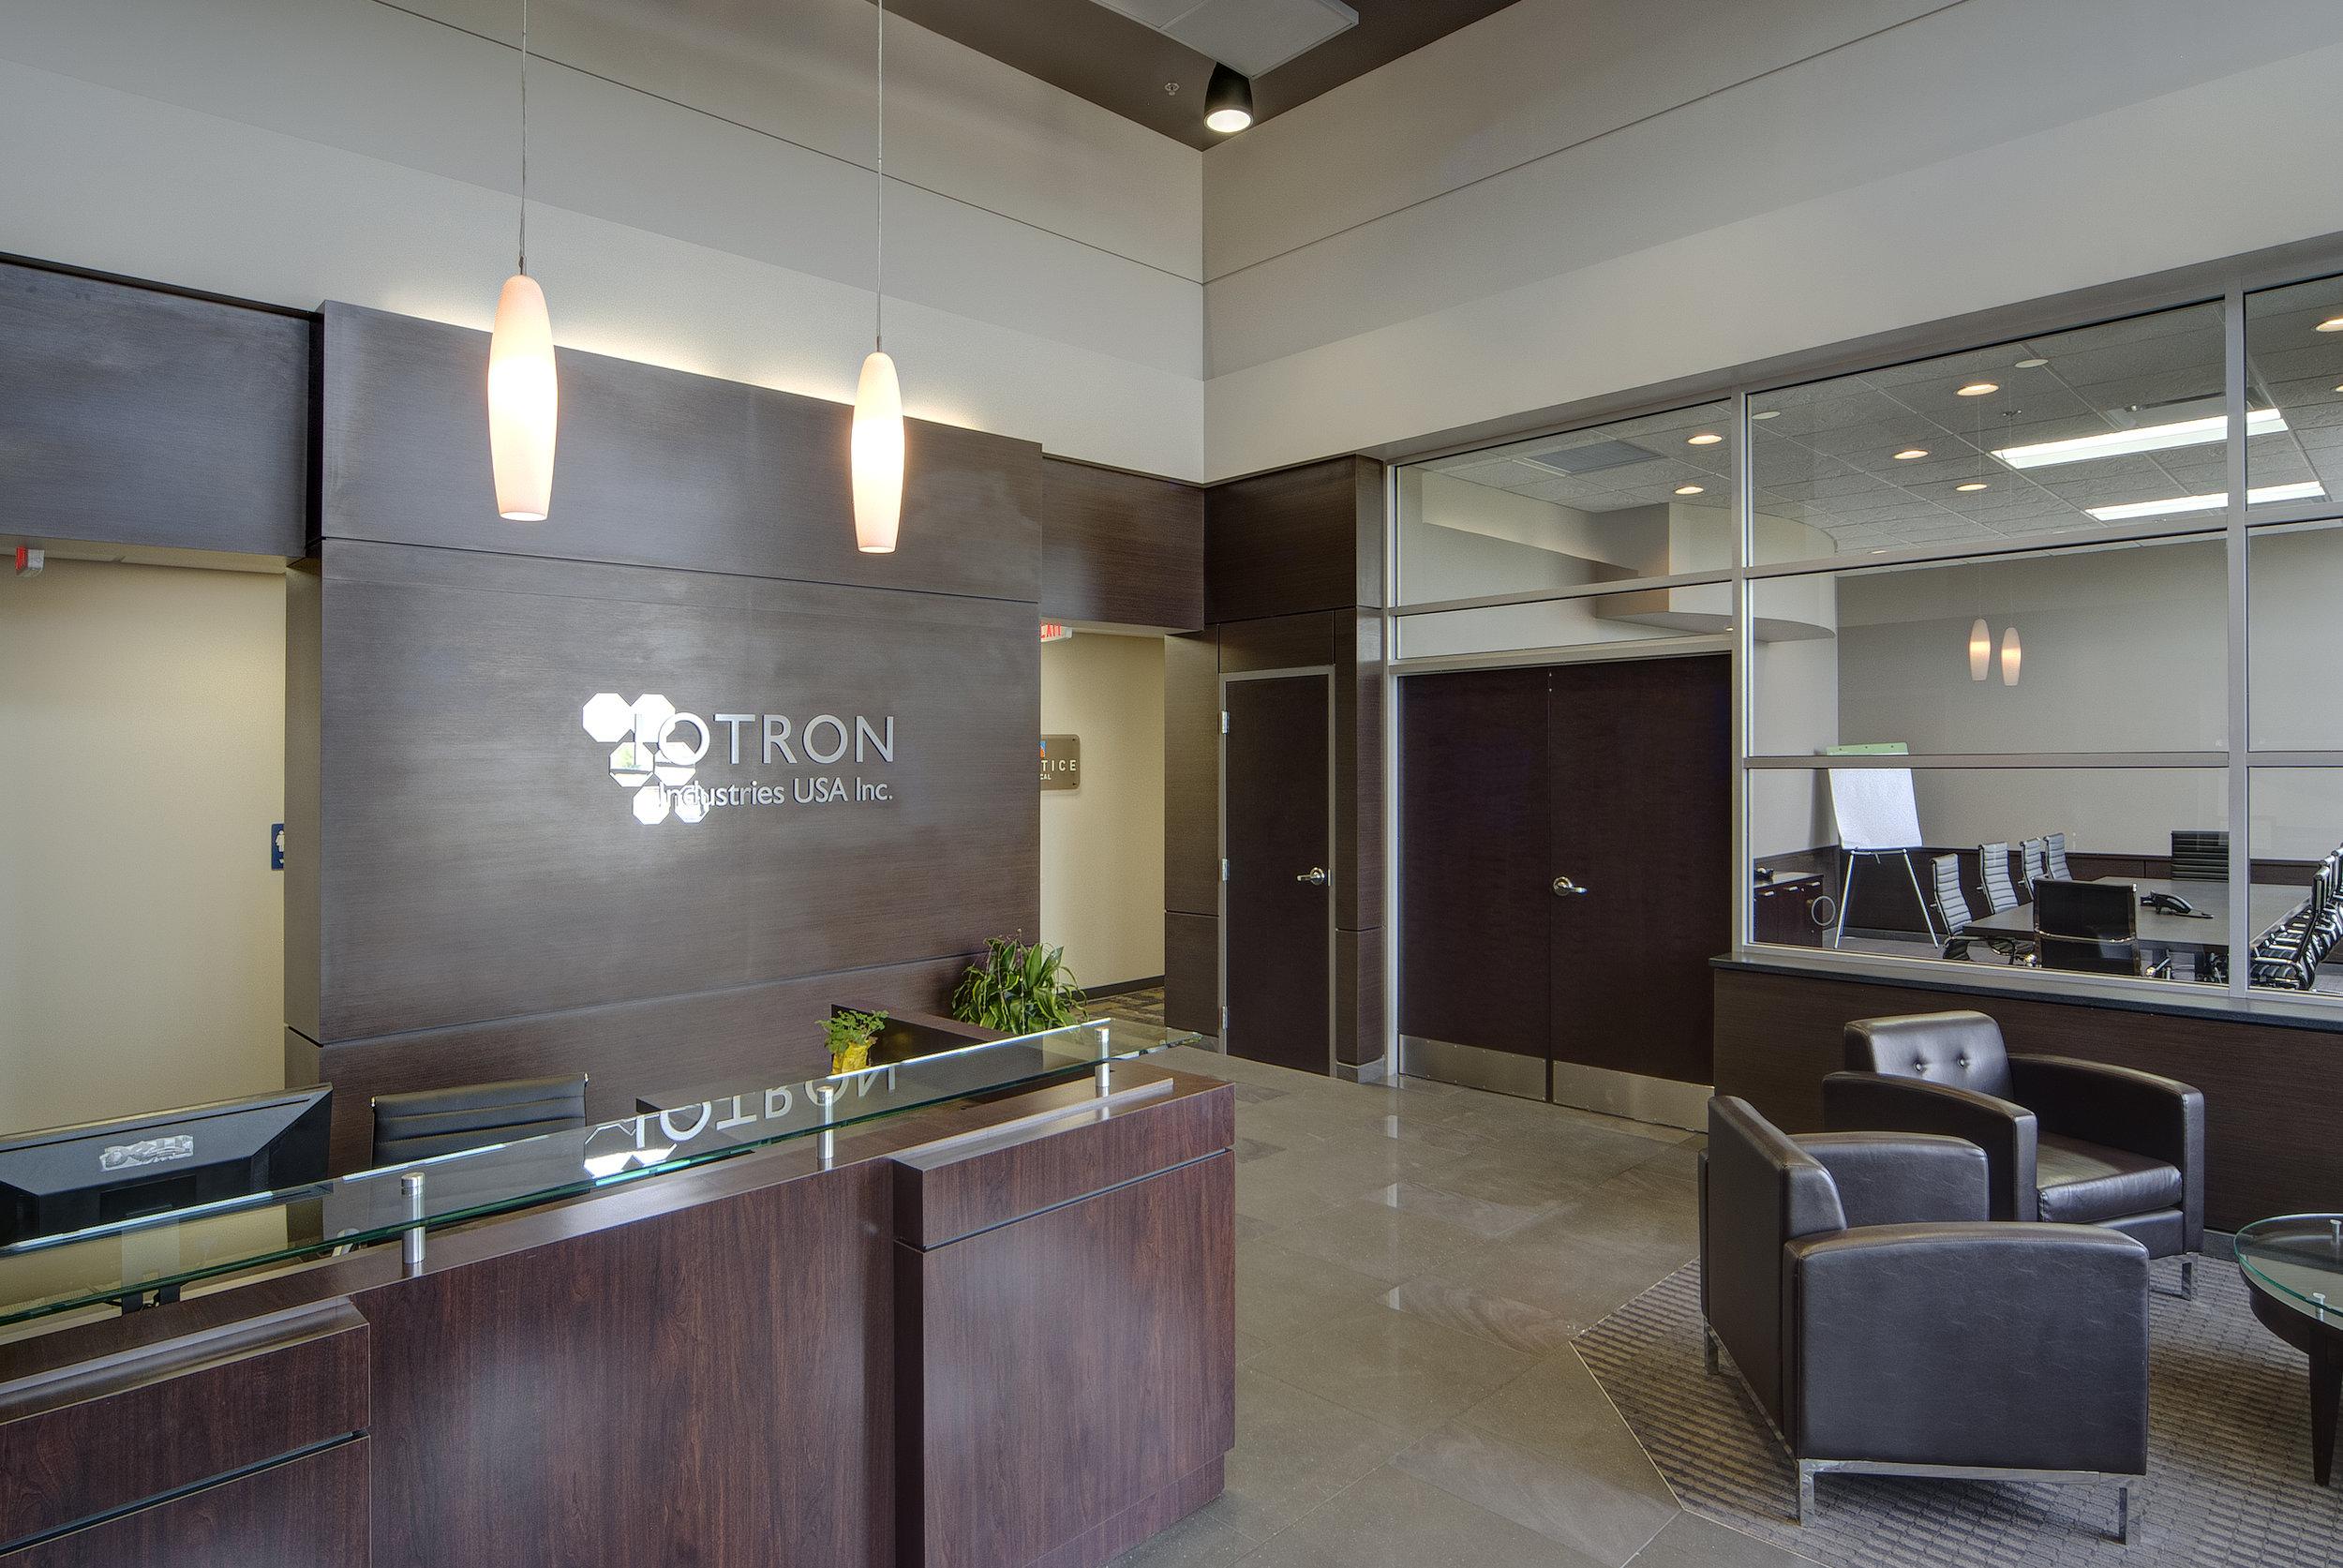 Iotron Industries